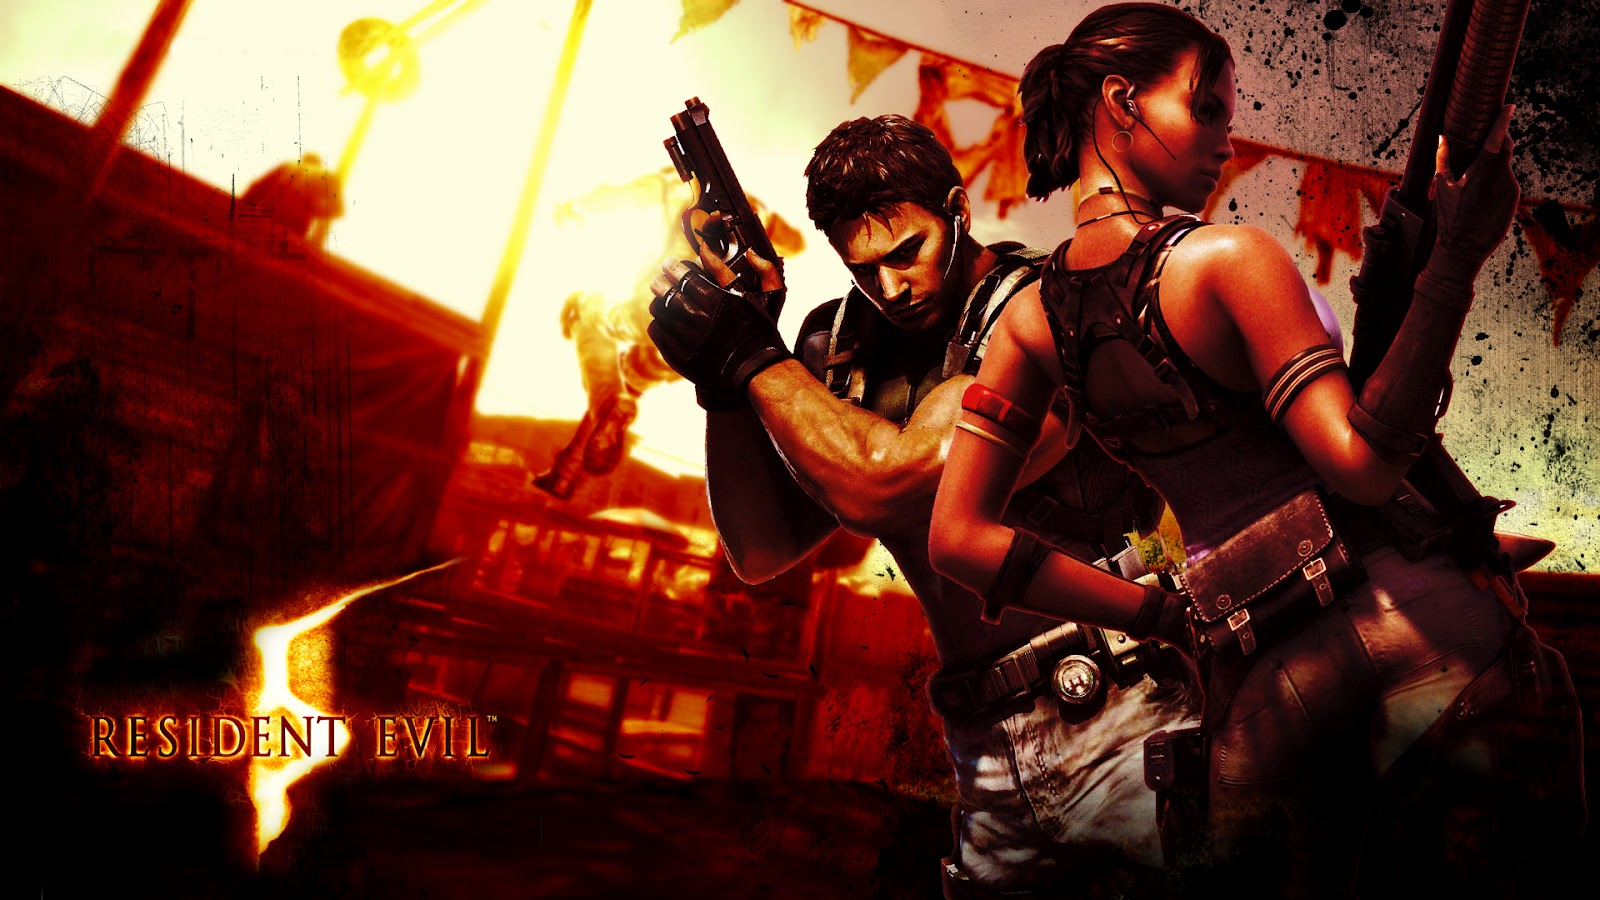 http://4.bp.blogspot.com/-Bm3NEvWiIRg/UBX_enZXFqI/AAAAAAAAGGM/I4_D3ZOARDM/s1600/resident+evil+5+wallpapers+4.jpg